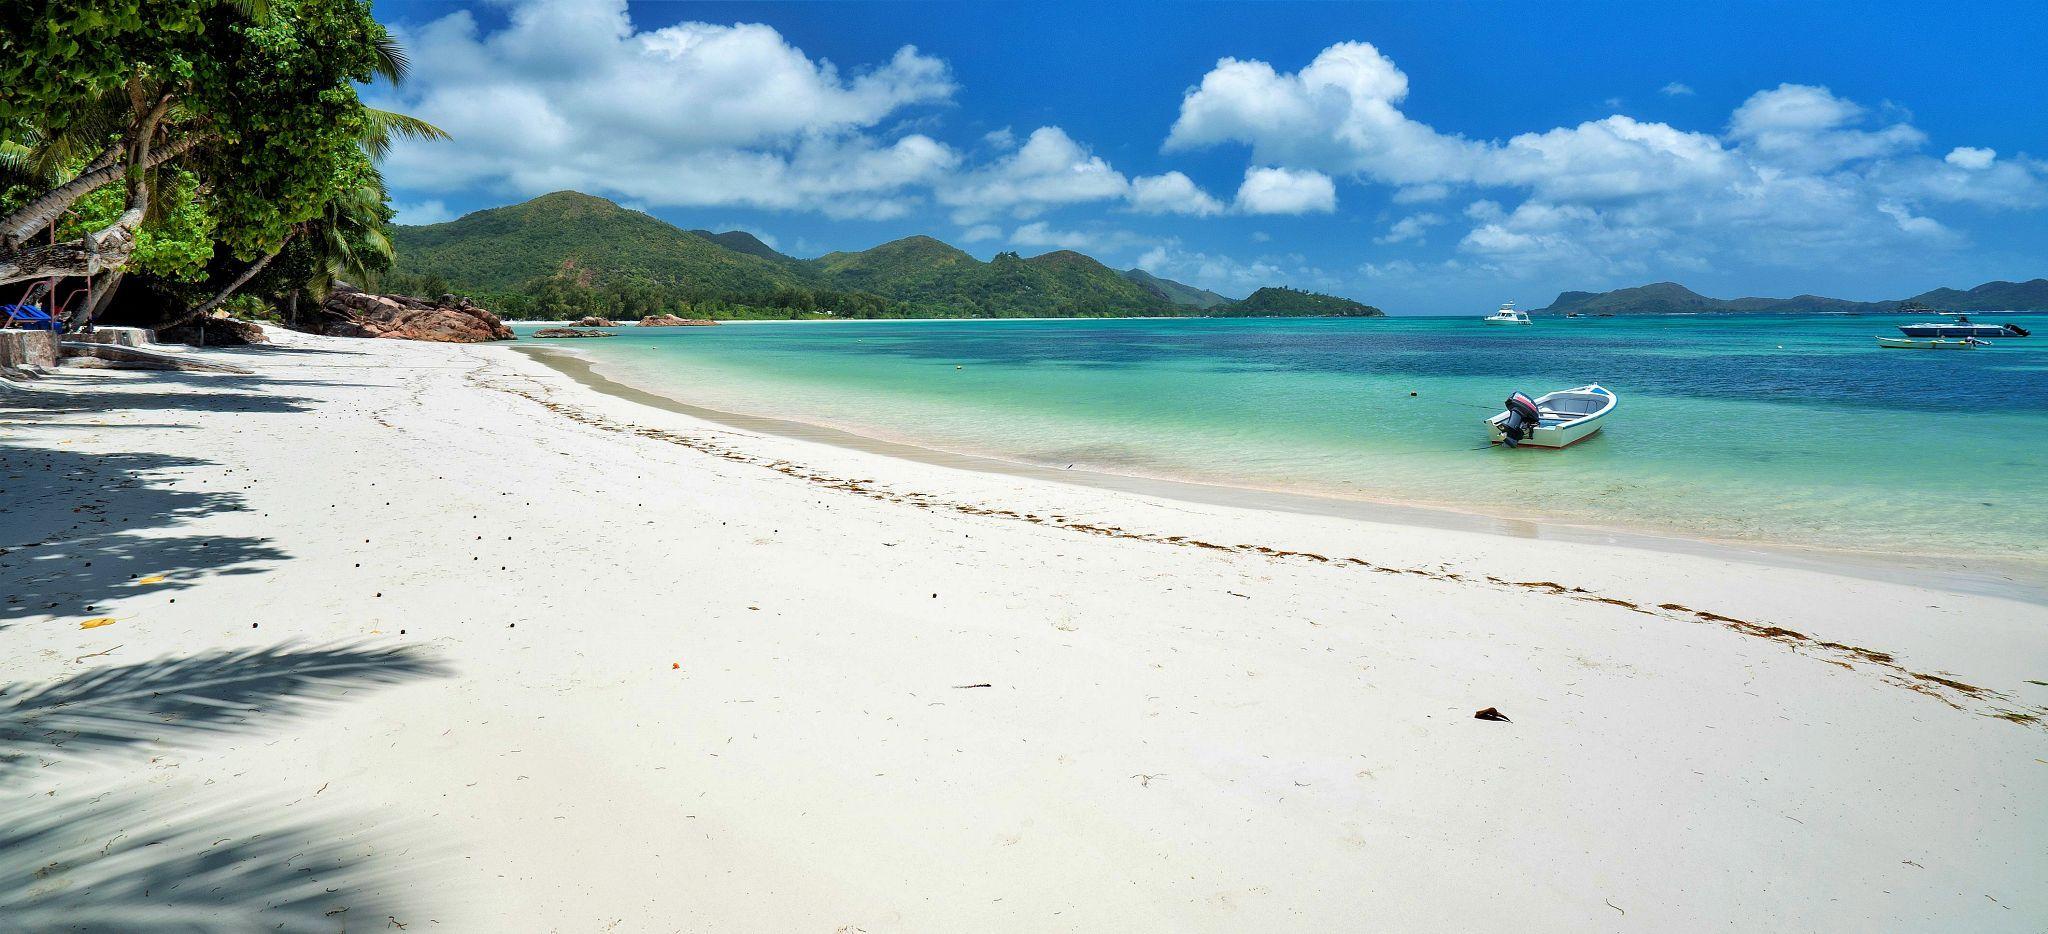 Ein schneeweißer Strand, auf den Bäume schatten werfen. Der Strand des Hotel L'Archipel auf den Seychellen